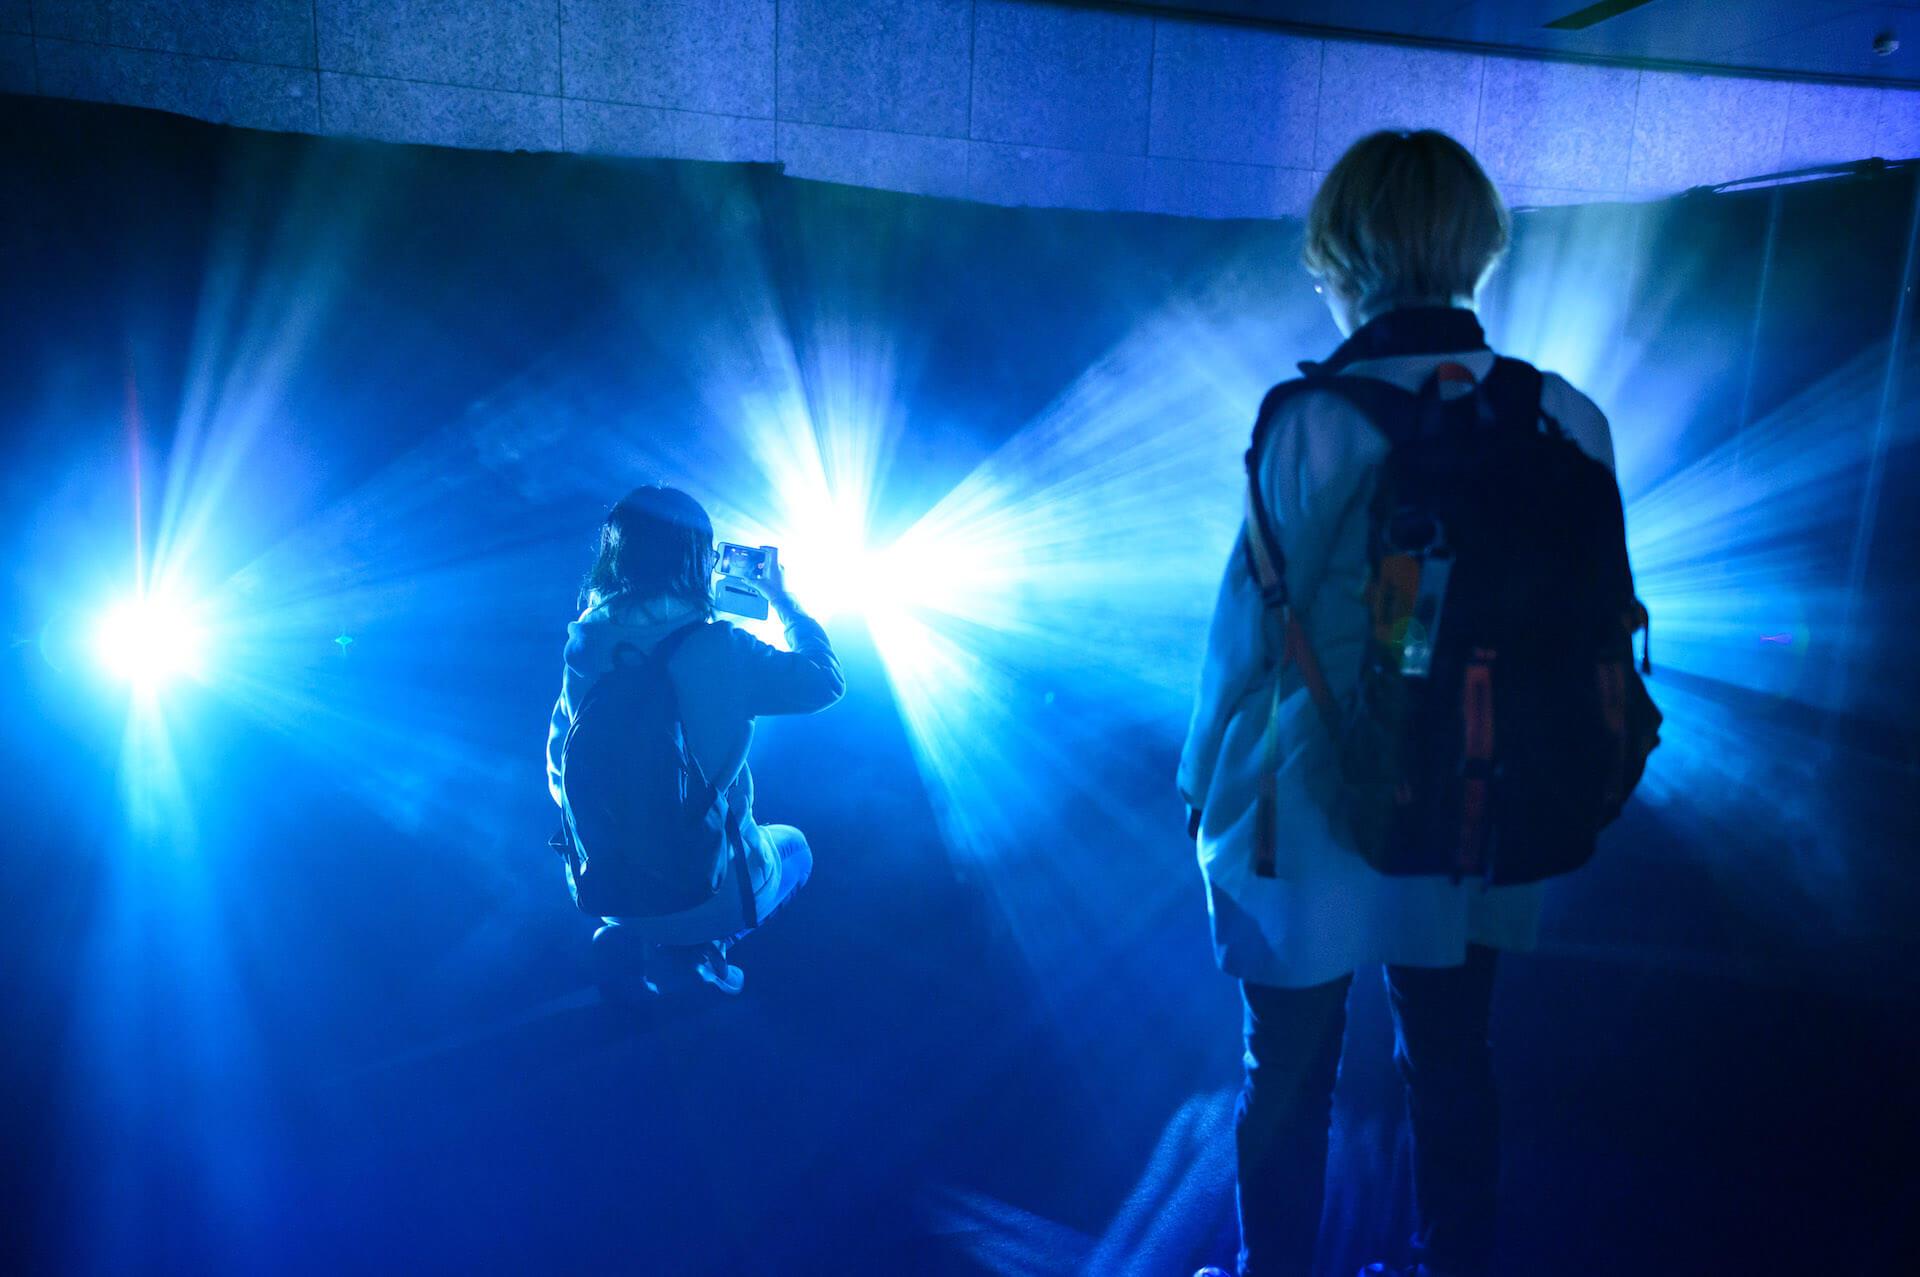 フォトレポート|Kode 9 & Koji Morimotoらが登場した電子音楽&デジタルアートの祭典「MUTEK.JP 2019」 music191219-mutek2019-2-1